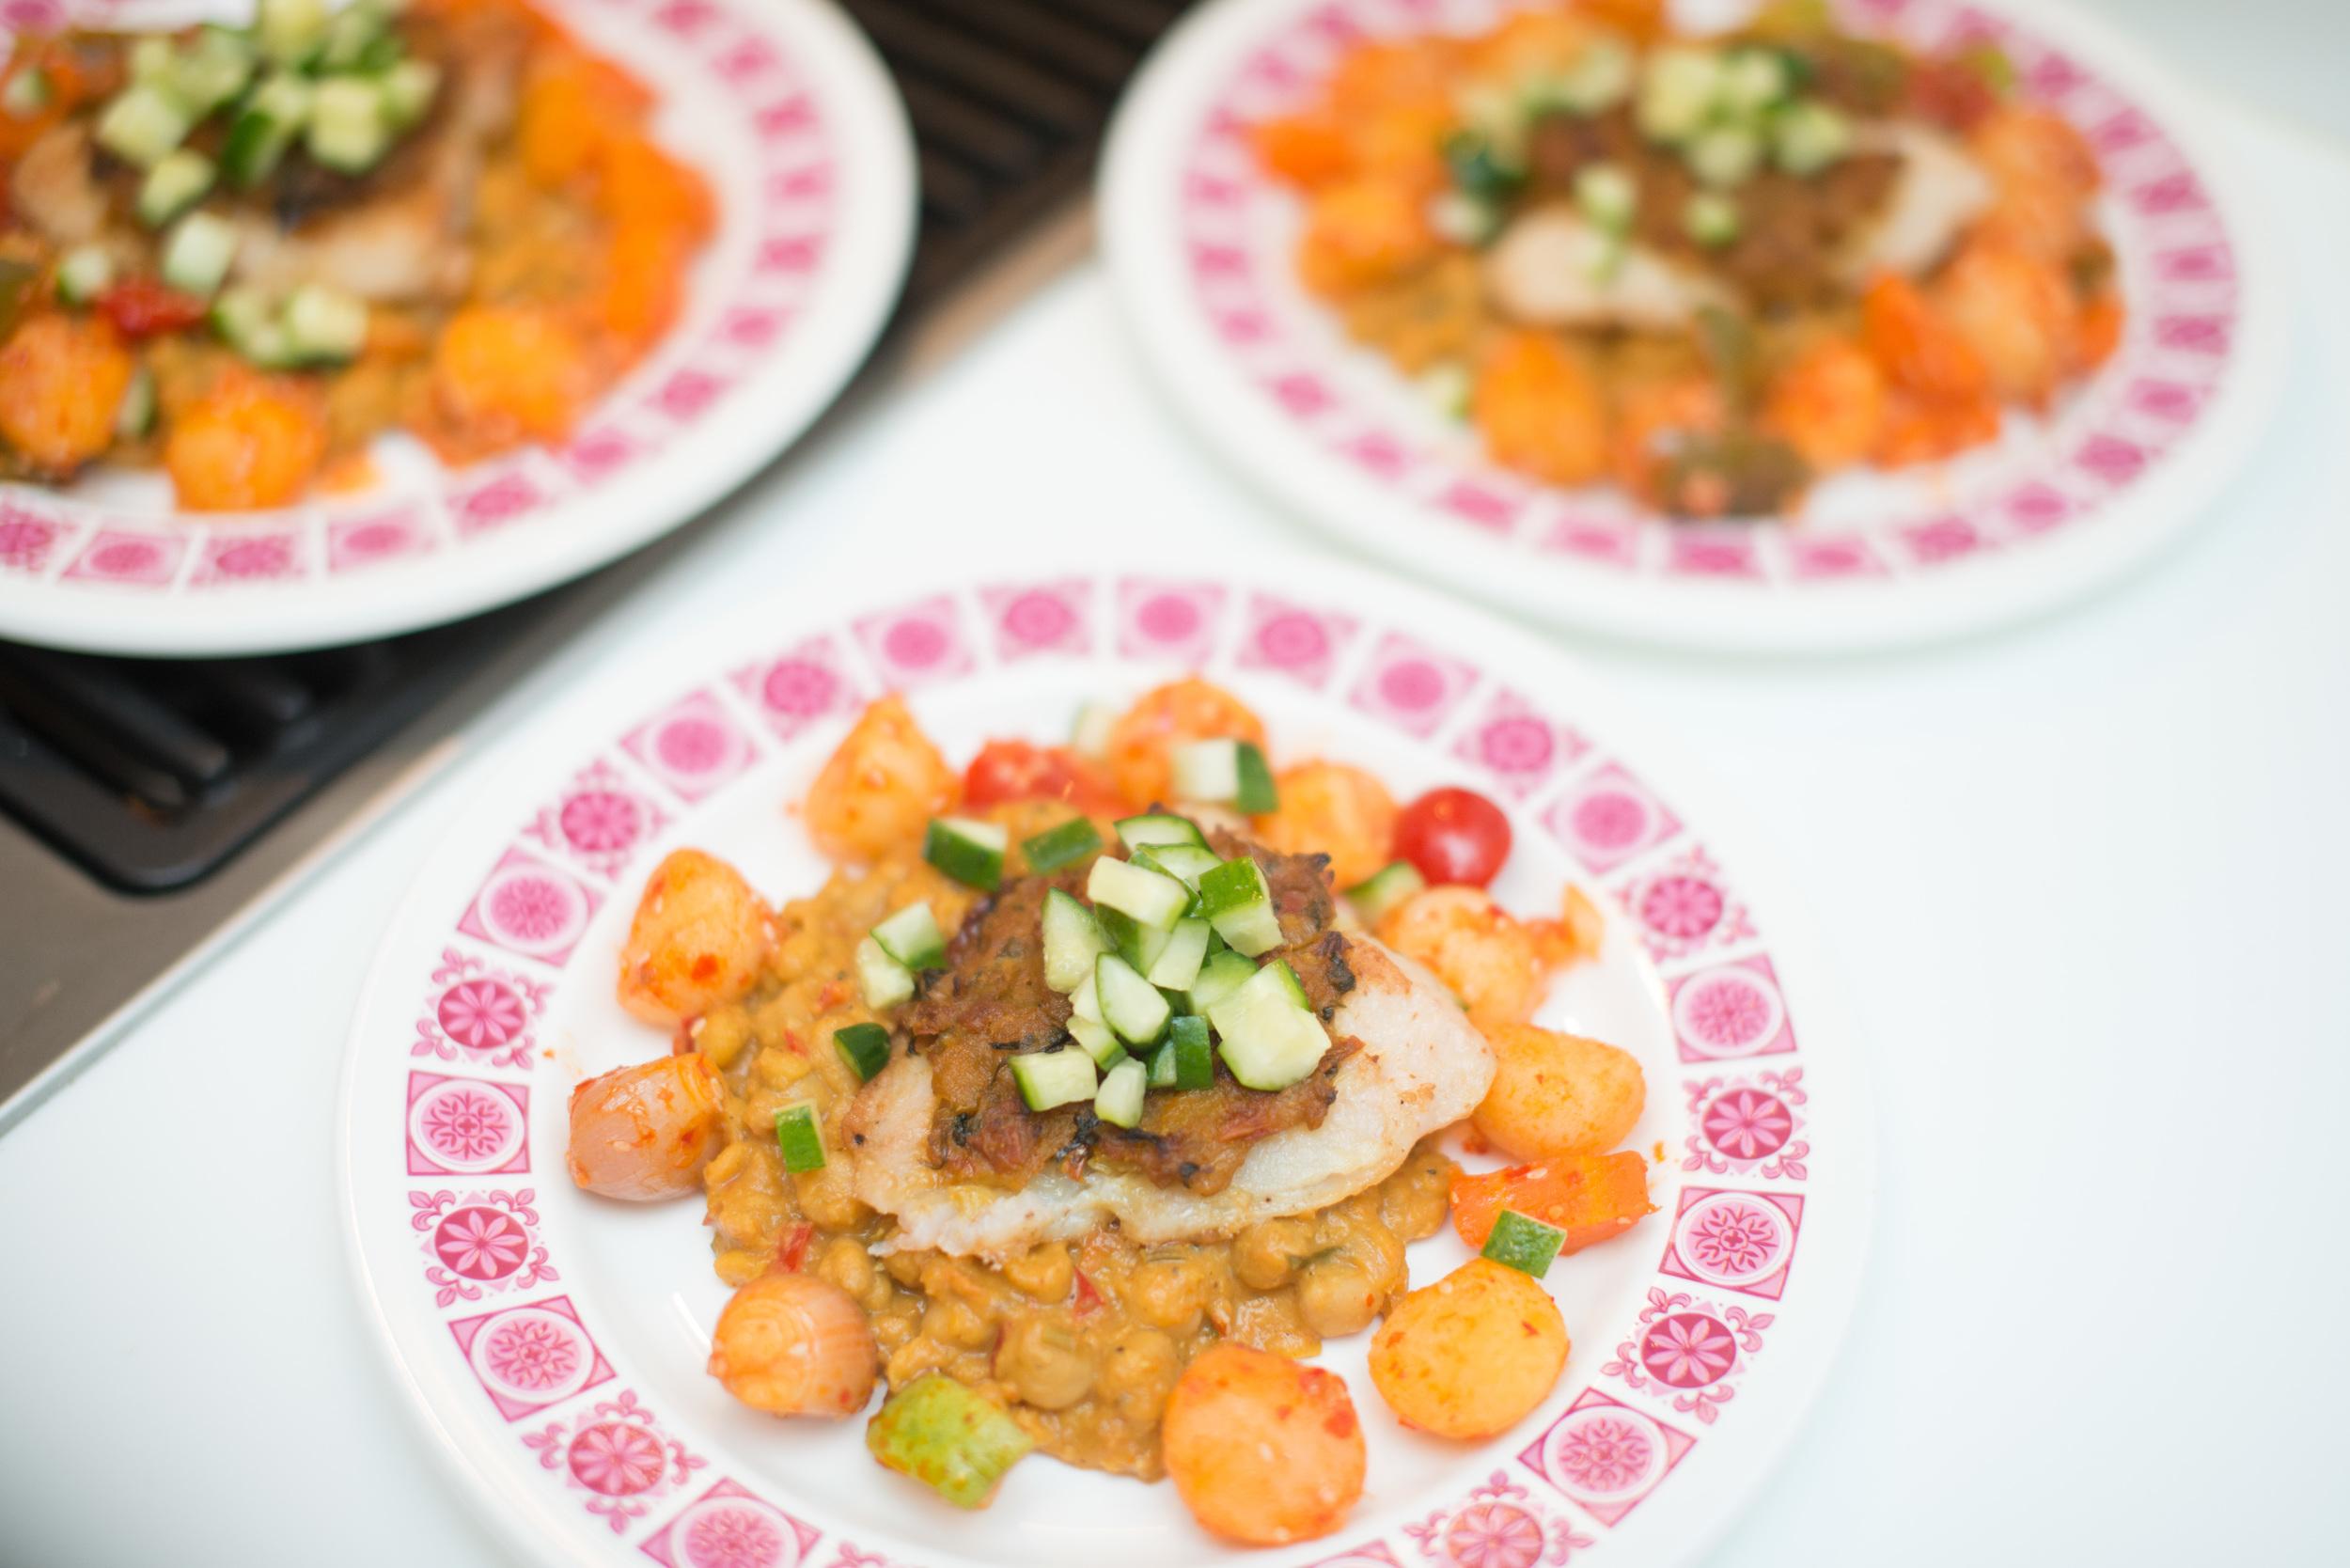 Spoilt-Private-Dining-9276.jpg